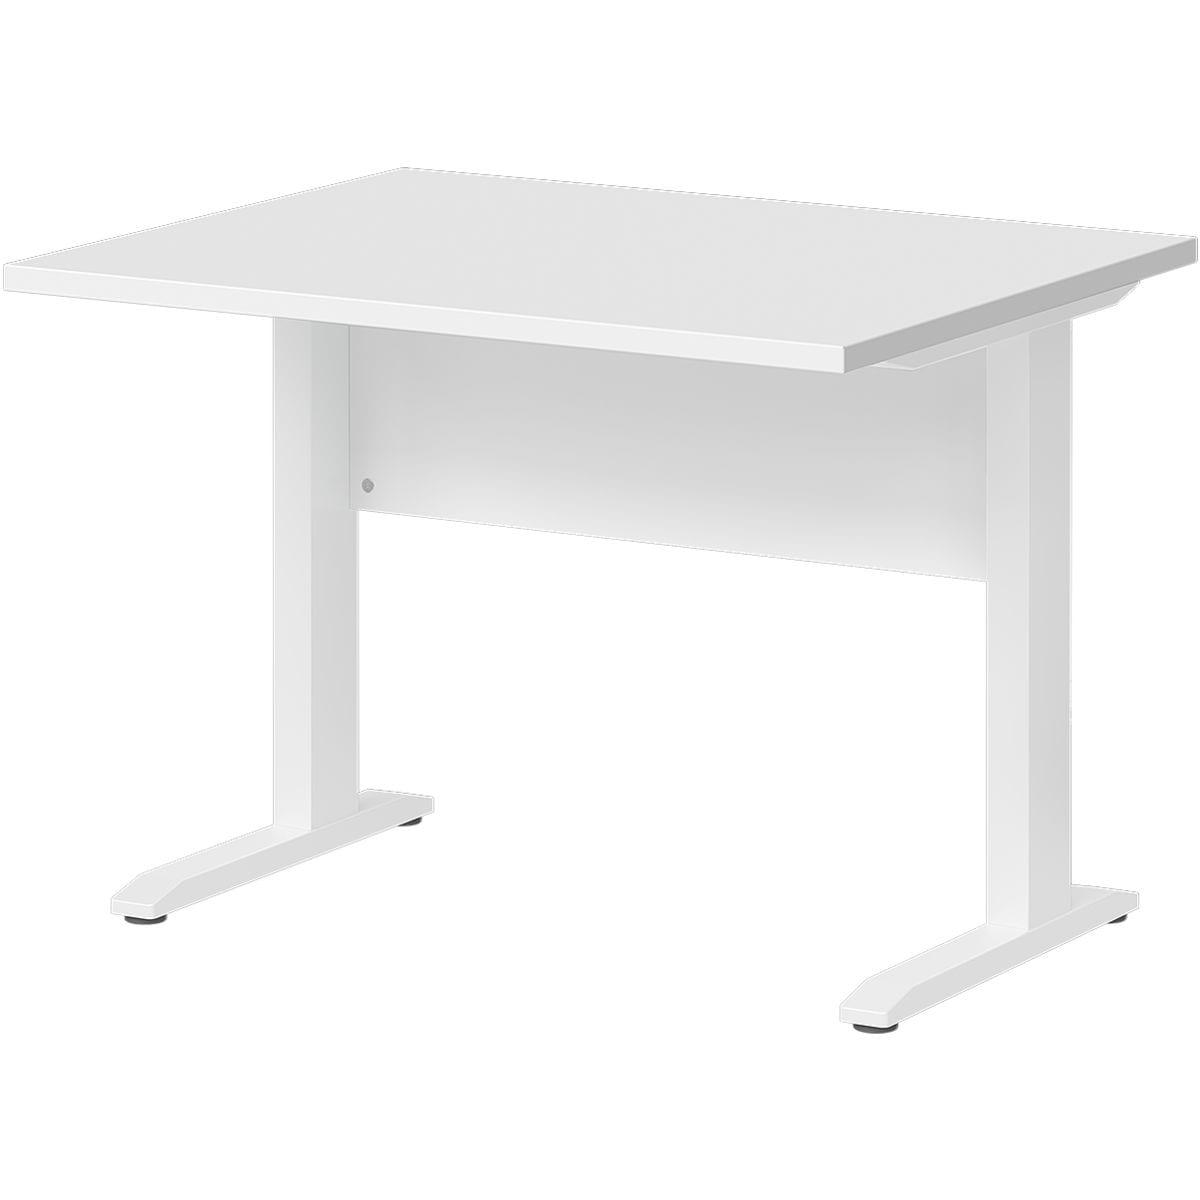 wellem bel schreibtisch planeo white 100 cm c fu wei bei otto office g nstig kaufen. Black Bedroom Furniture Sets. Home Design Ideas